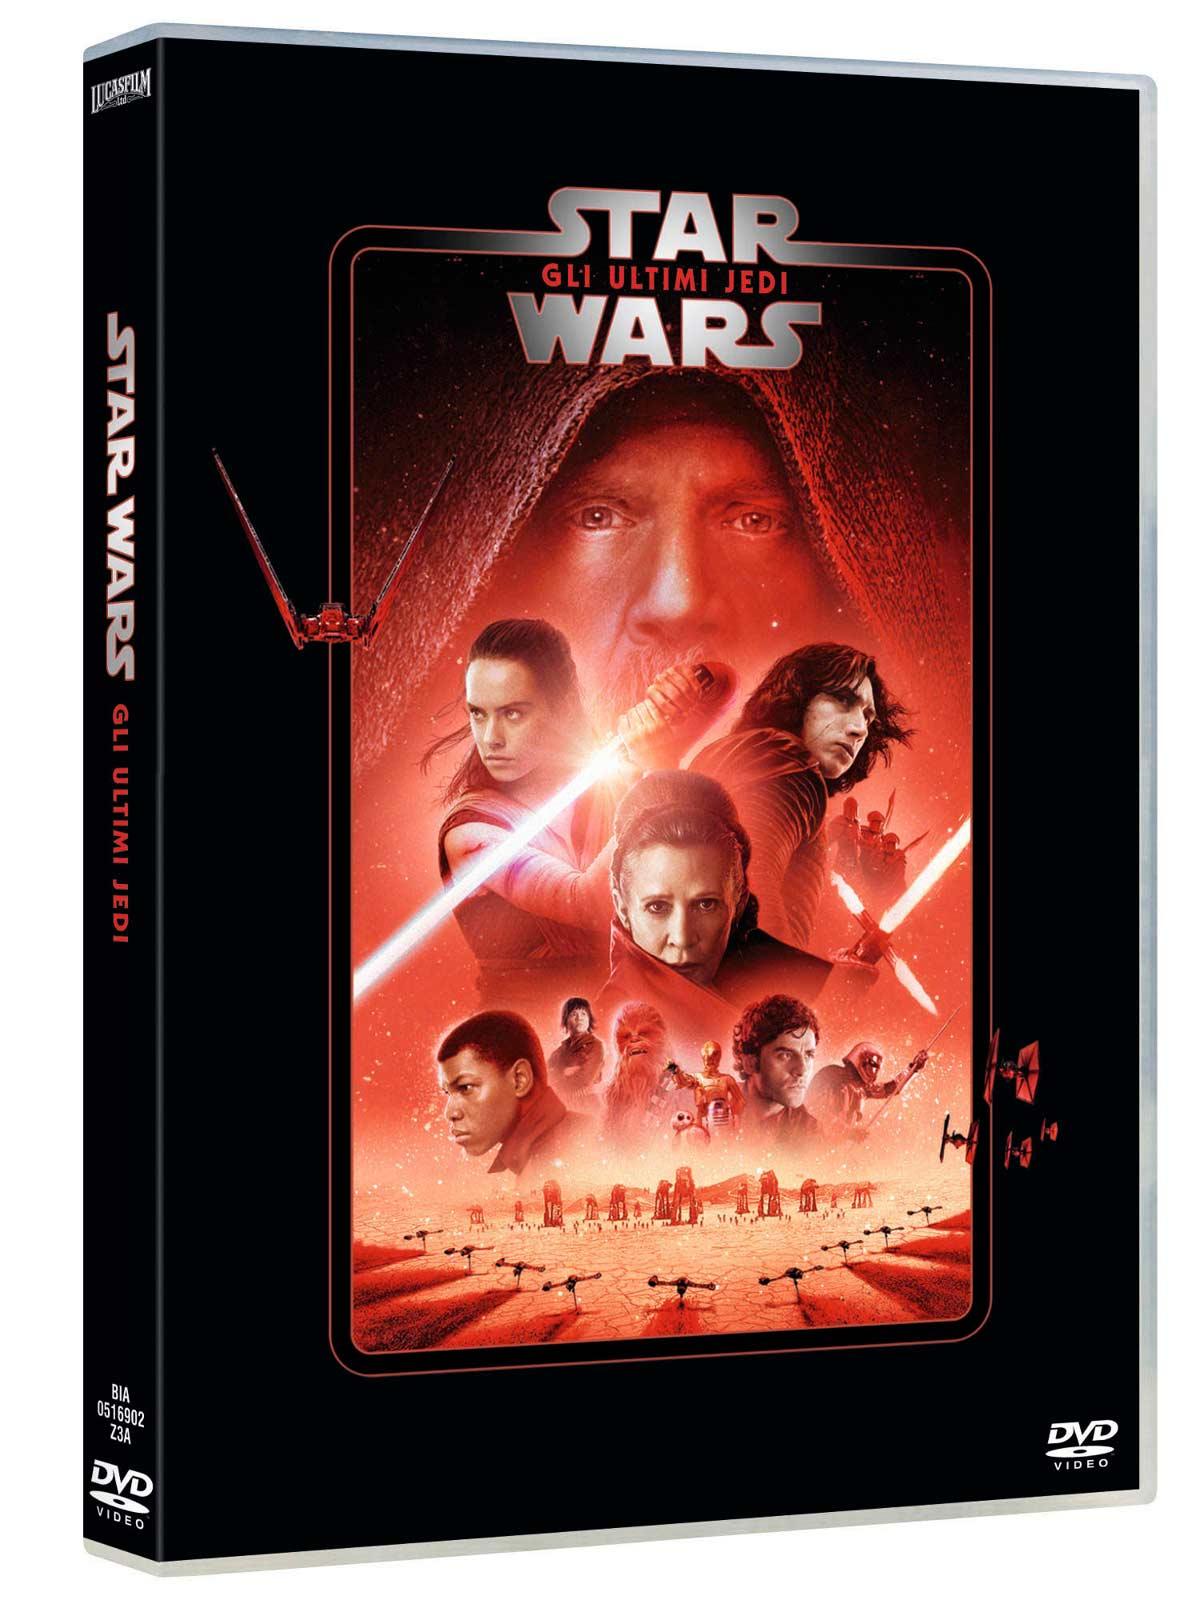 STAR WARS - EPISODIO VIII - GLI ULTIMI JEDI (DVD)